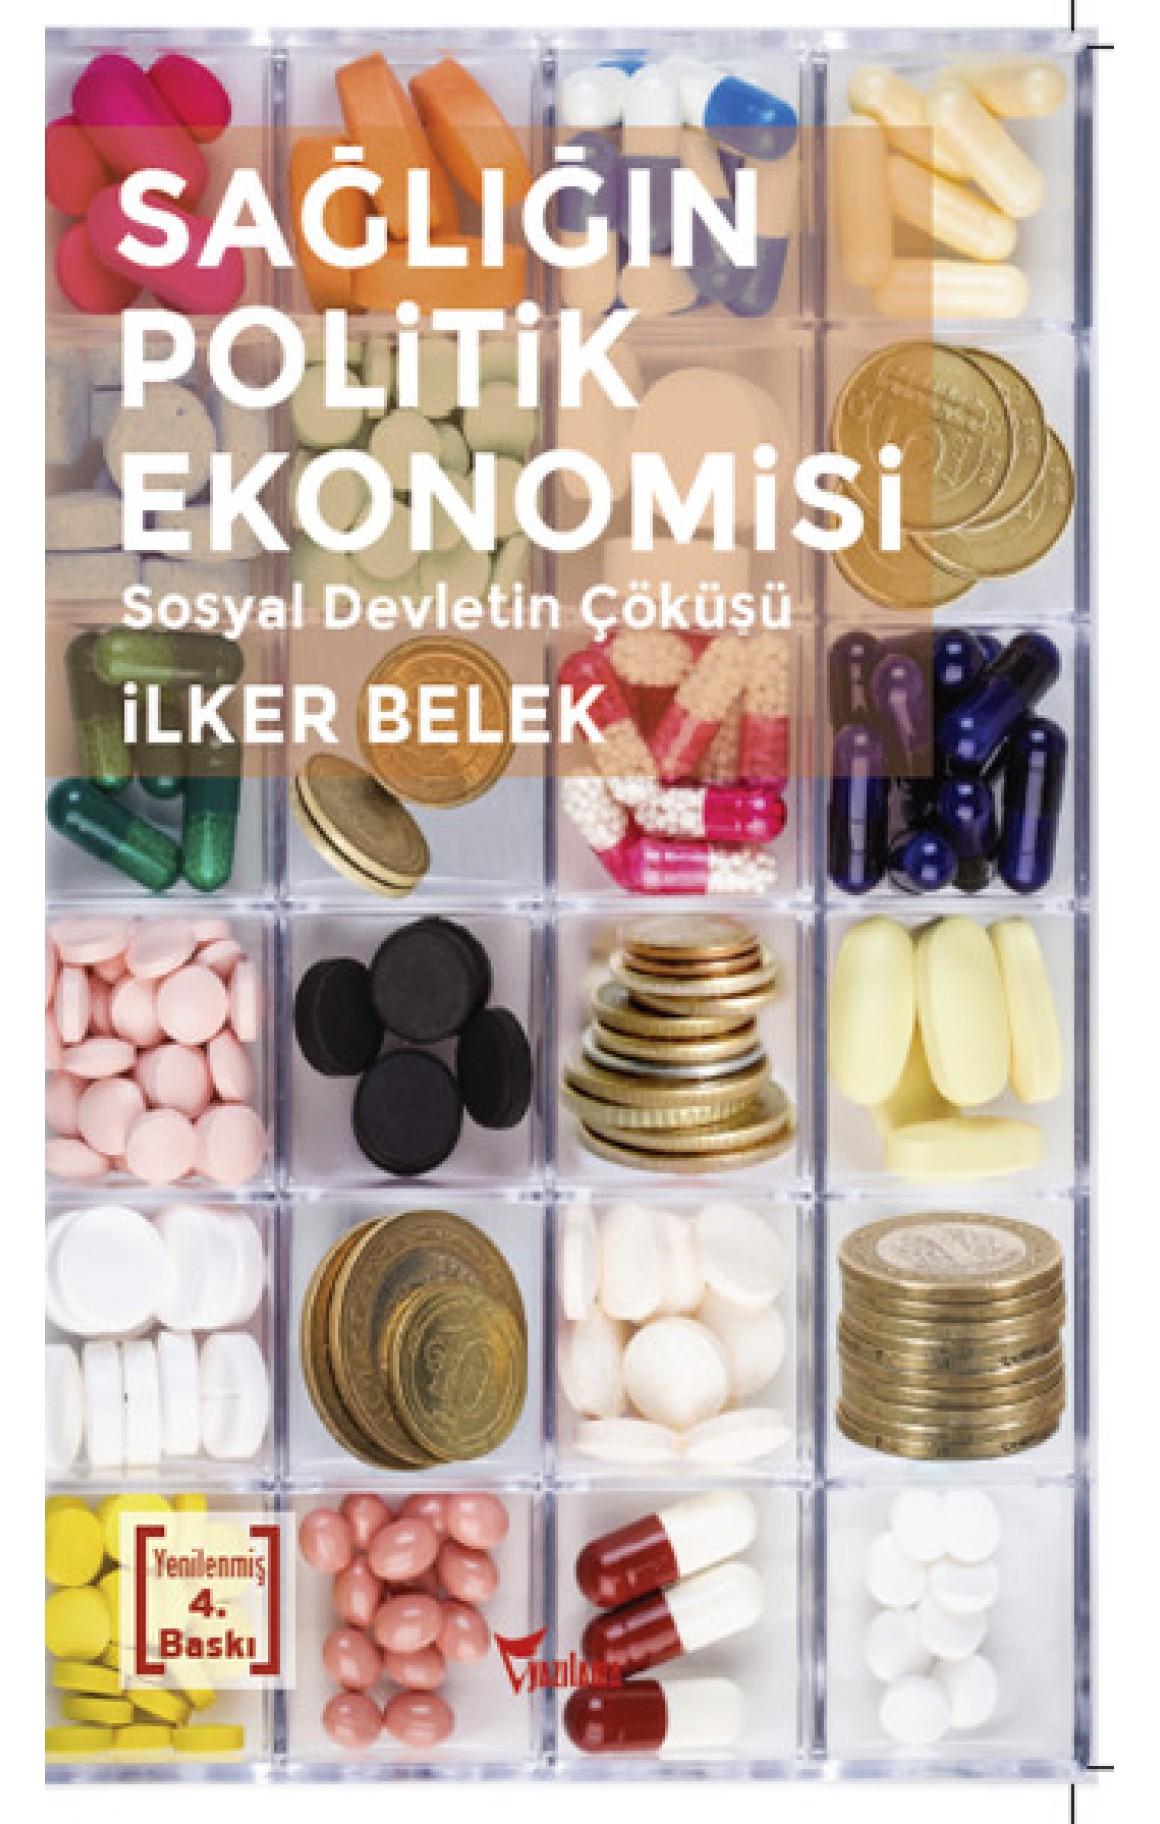 Sağlığın Politik Ekonomisi